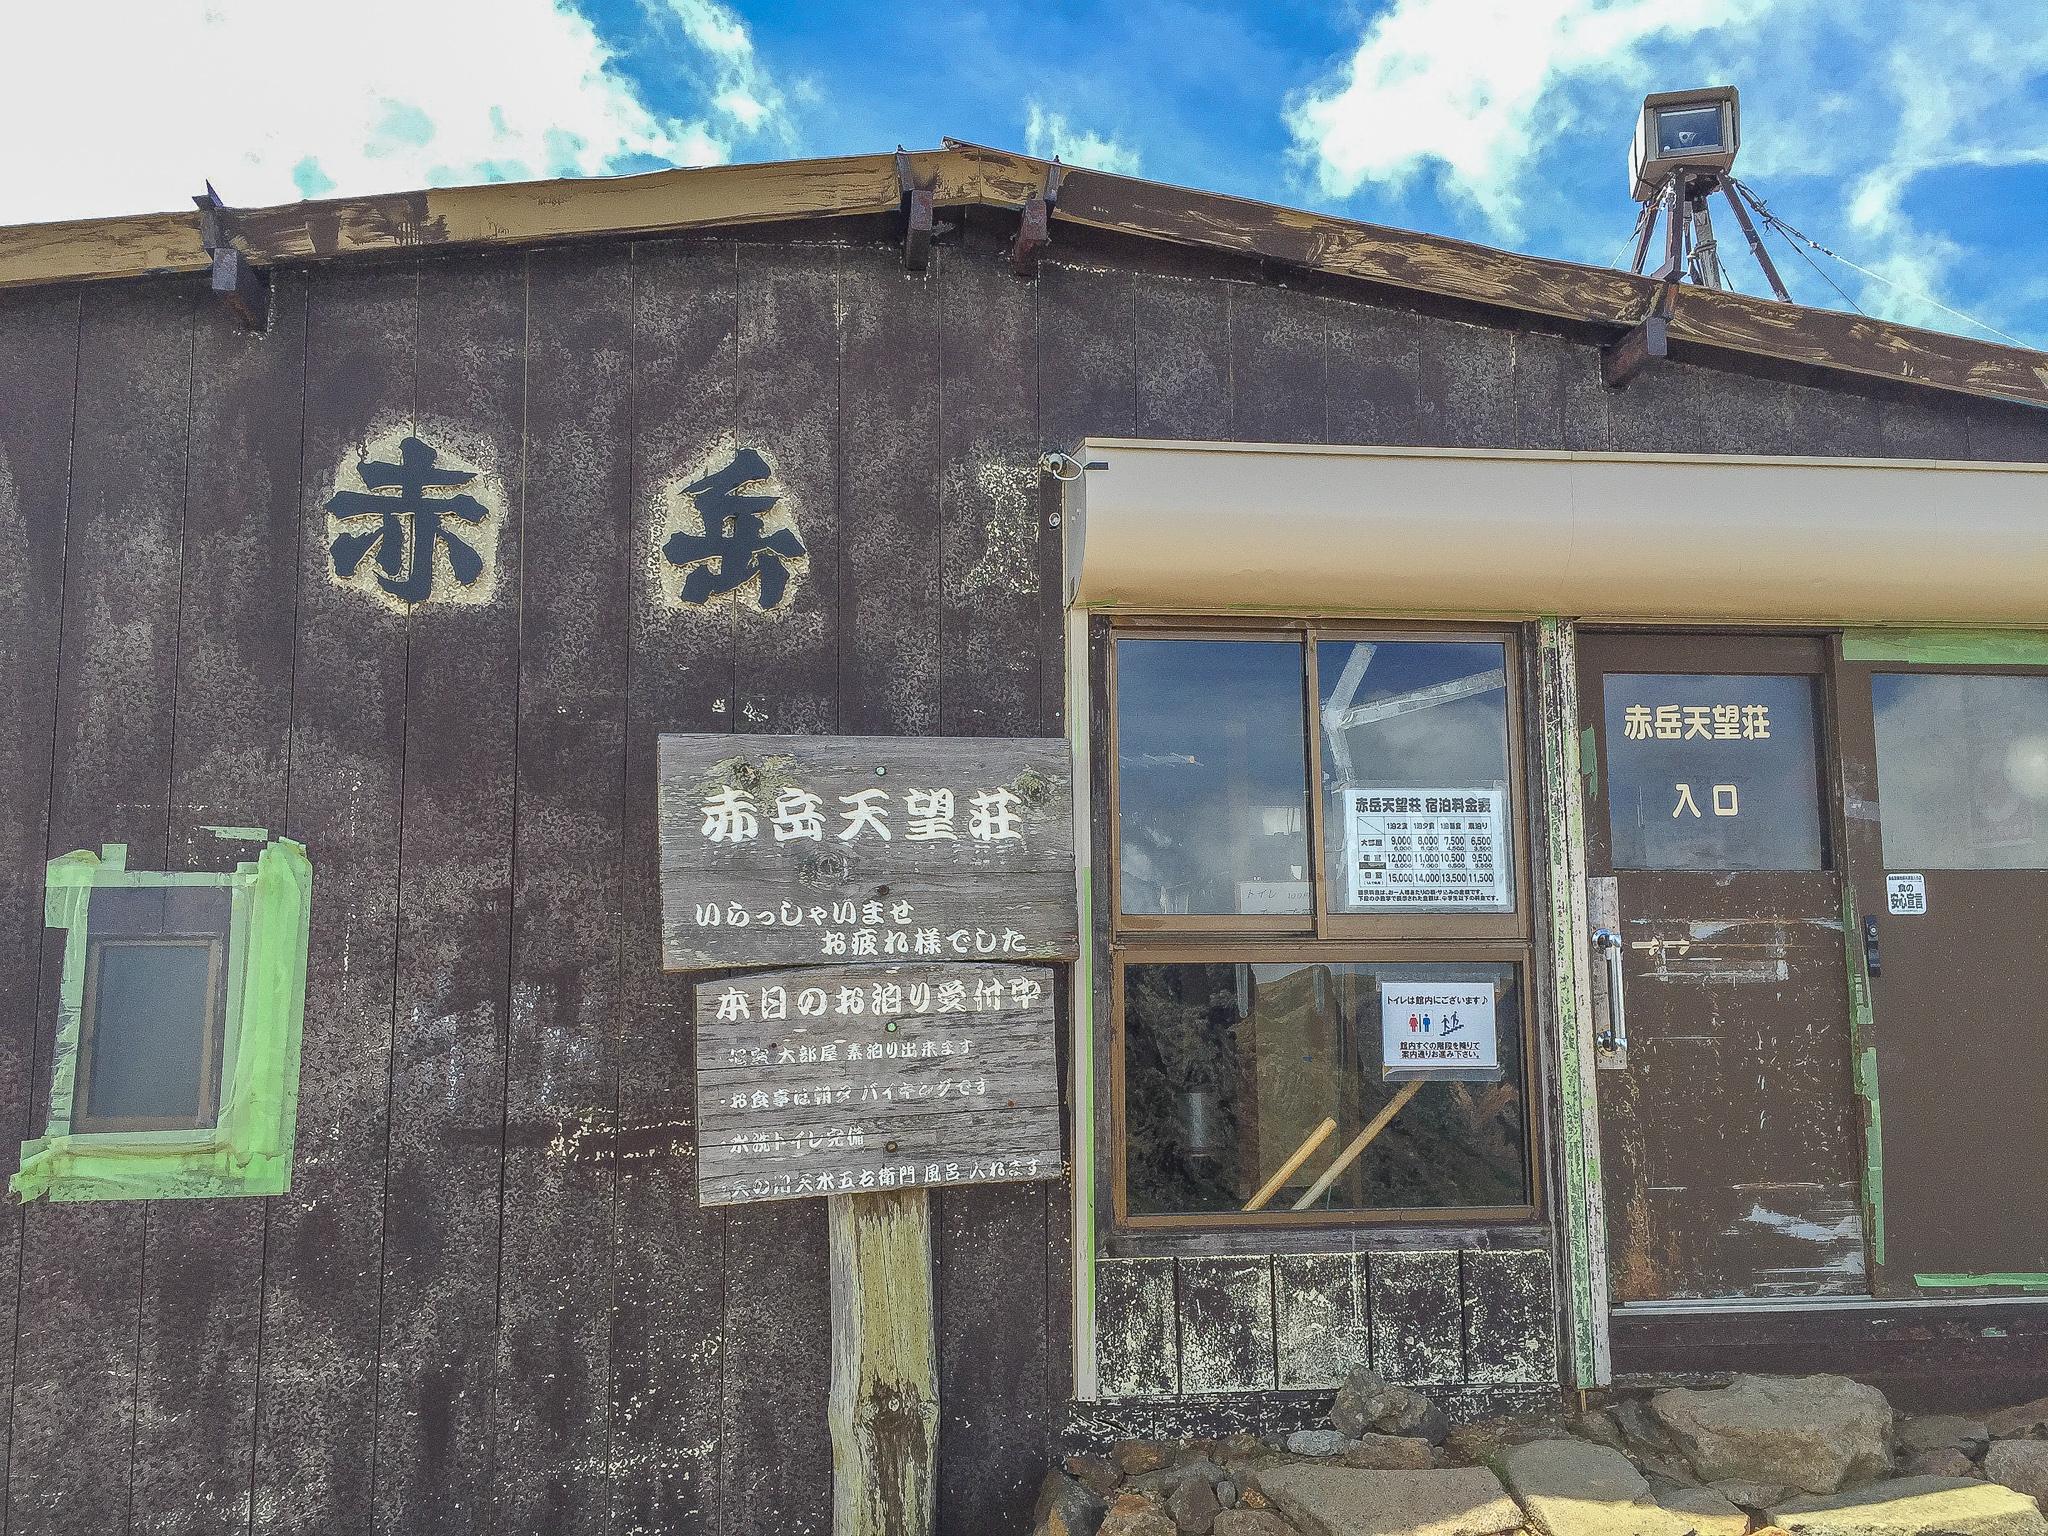 八ヶ岳(赤岳・横岳・硫黄岳)・赤岳展望荘